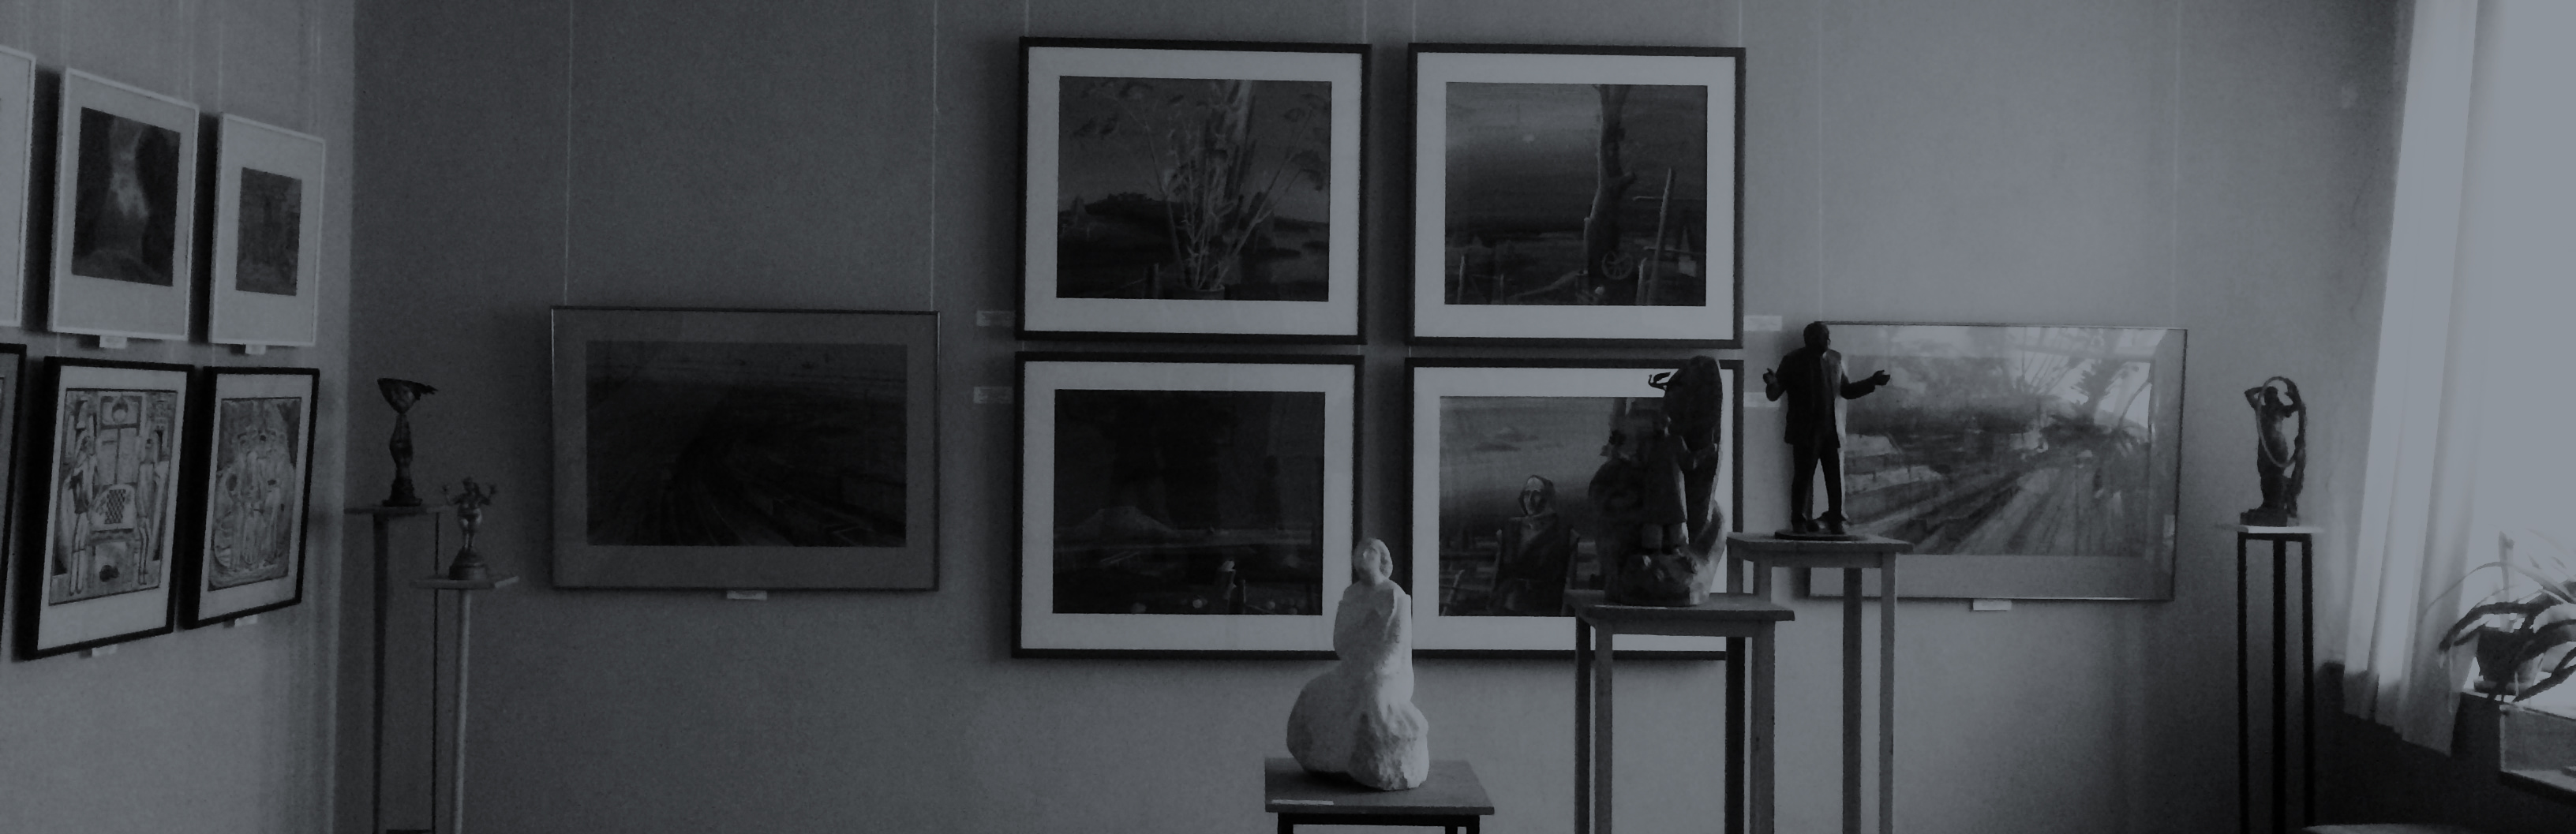 Областная выставка «Графика и скульптура малых форм»